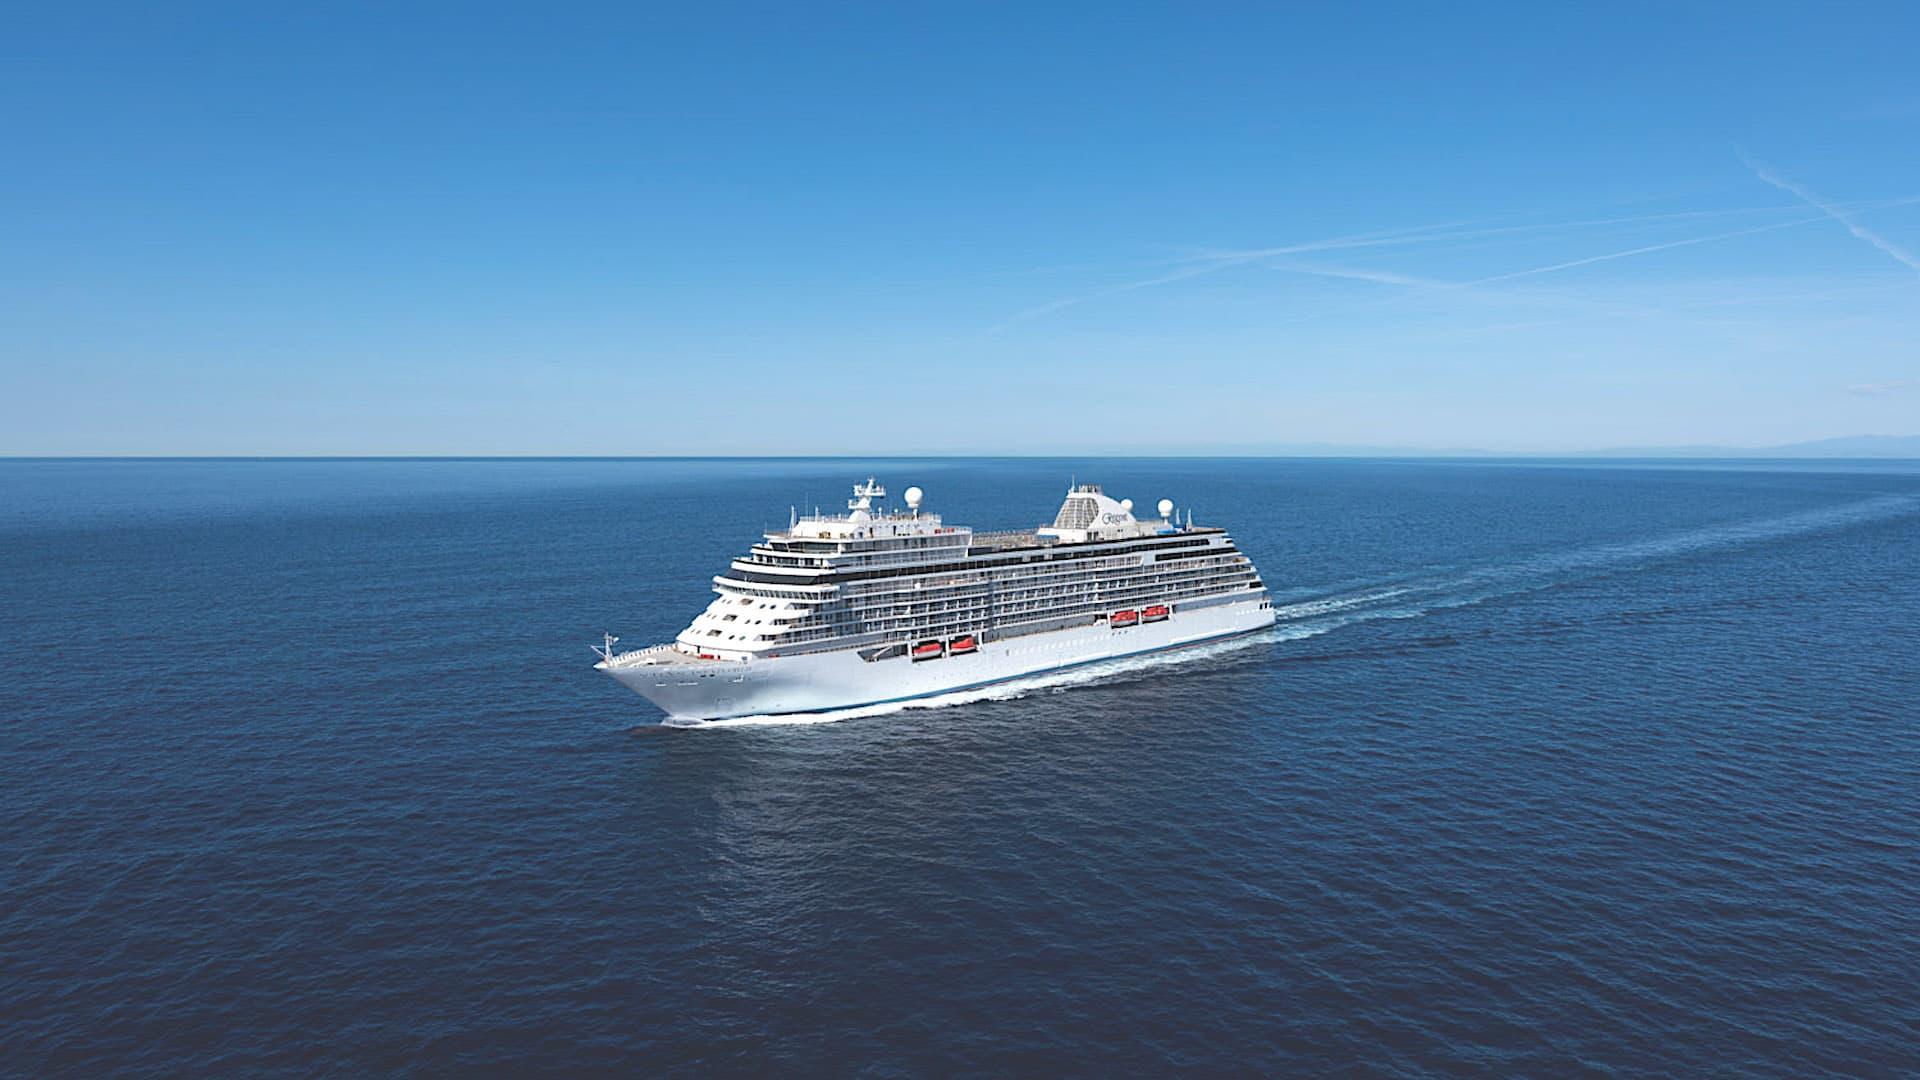 Estos son los nuevos cruceros de lujo para viajar en 2023 y 2024